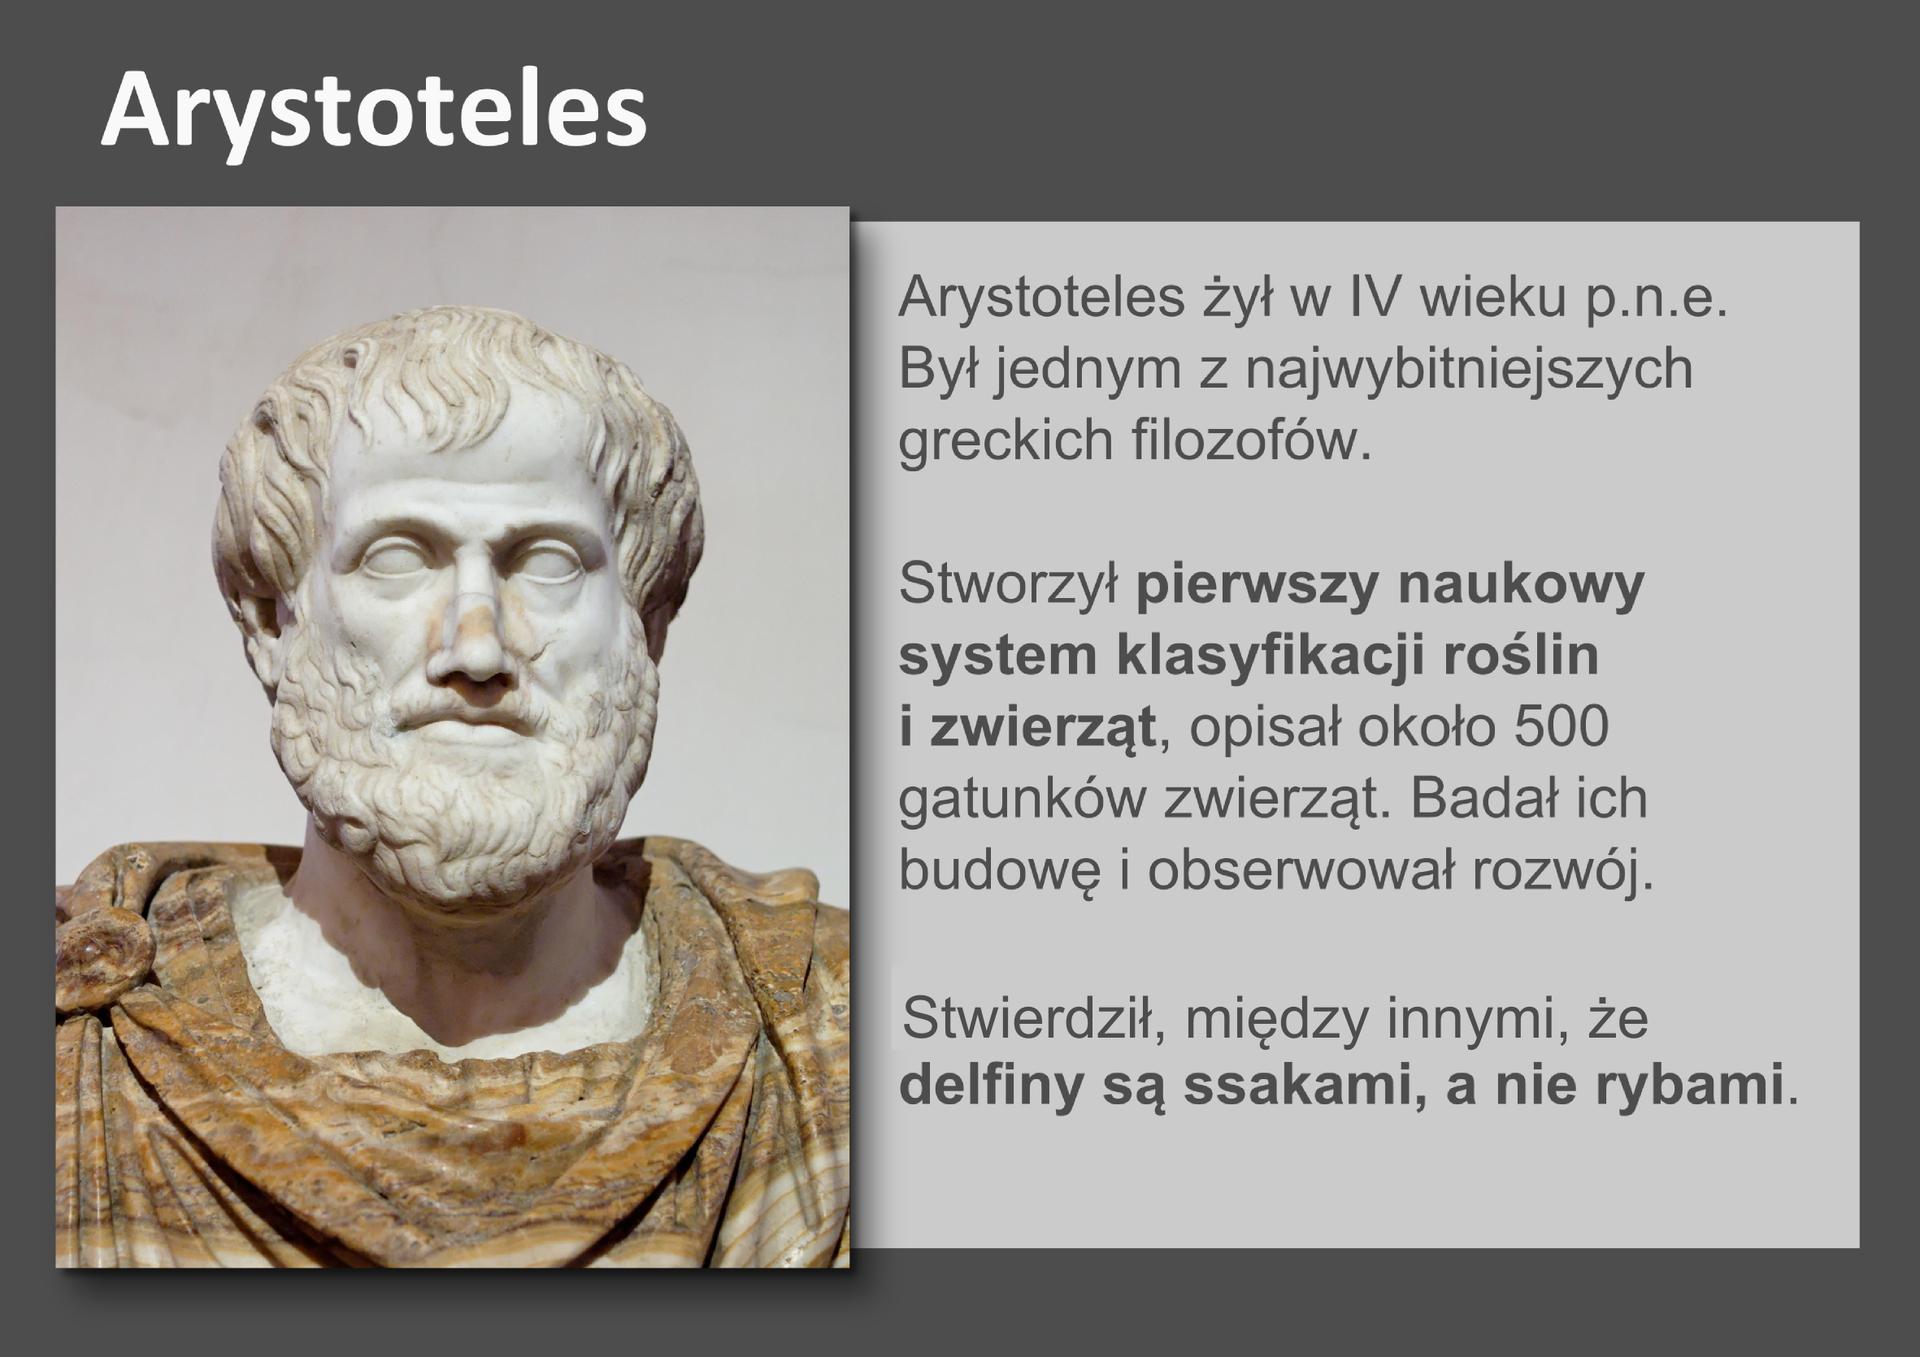 Galeria przedstawia pionierów nauk przyrodniczych. Składa się zdziewięciu slajdów wpostaci ilustracji iumieszczonego obok opisu. Ilustracje pojawiają się kolejno, kiedy klika się wstrzałki, znajdujące się po prawej ilewej stronie ilustracji.Na pierwszym slajdzie widać marmurowe popiersie Arystotelesa, który żył wGrecji wczwartym wieku przed naszą erą. Jest on jednym znajwiększych filozofów. Stworzył pierwszy naukowy system klasyfikacji roślin izwierząt, wktórym opisał około 500 gatunków. To on między innymi stwierdził, że delfiny to ssaki, anie ryby.